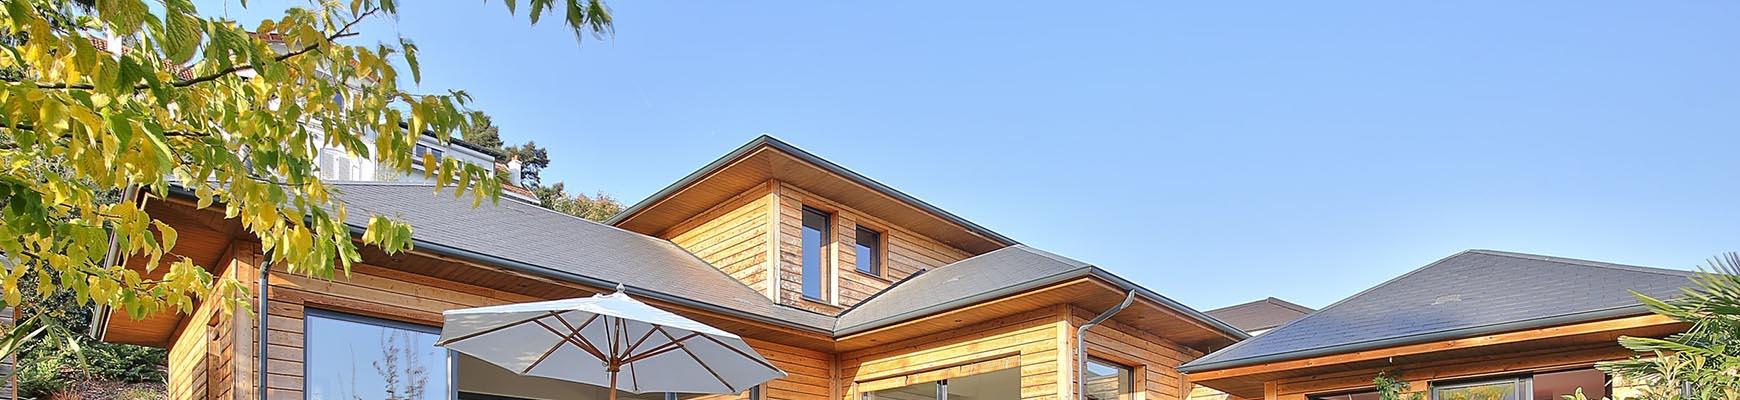 Magnifique maison bois et sa piscine Vaucresson Hauts de Seine